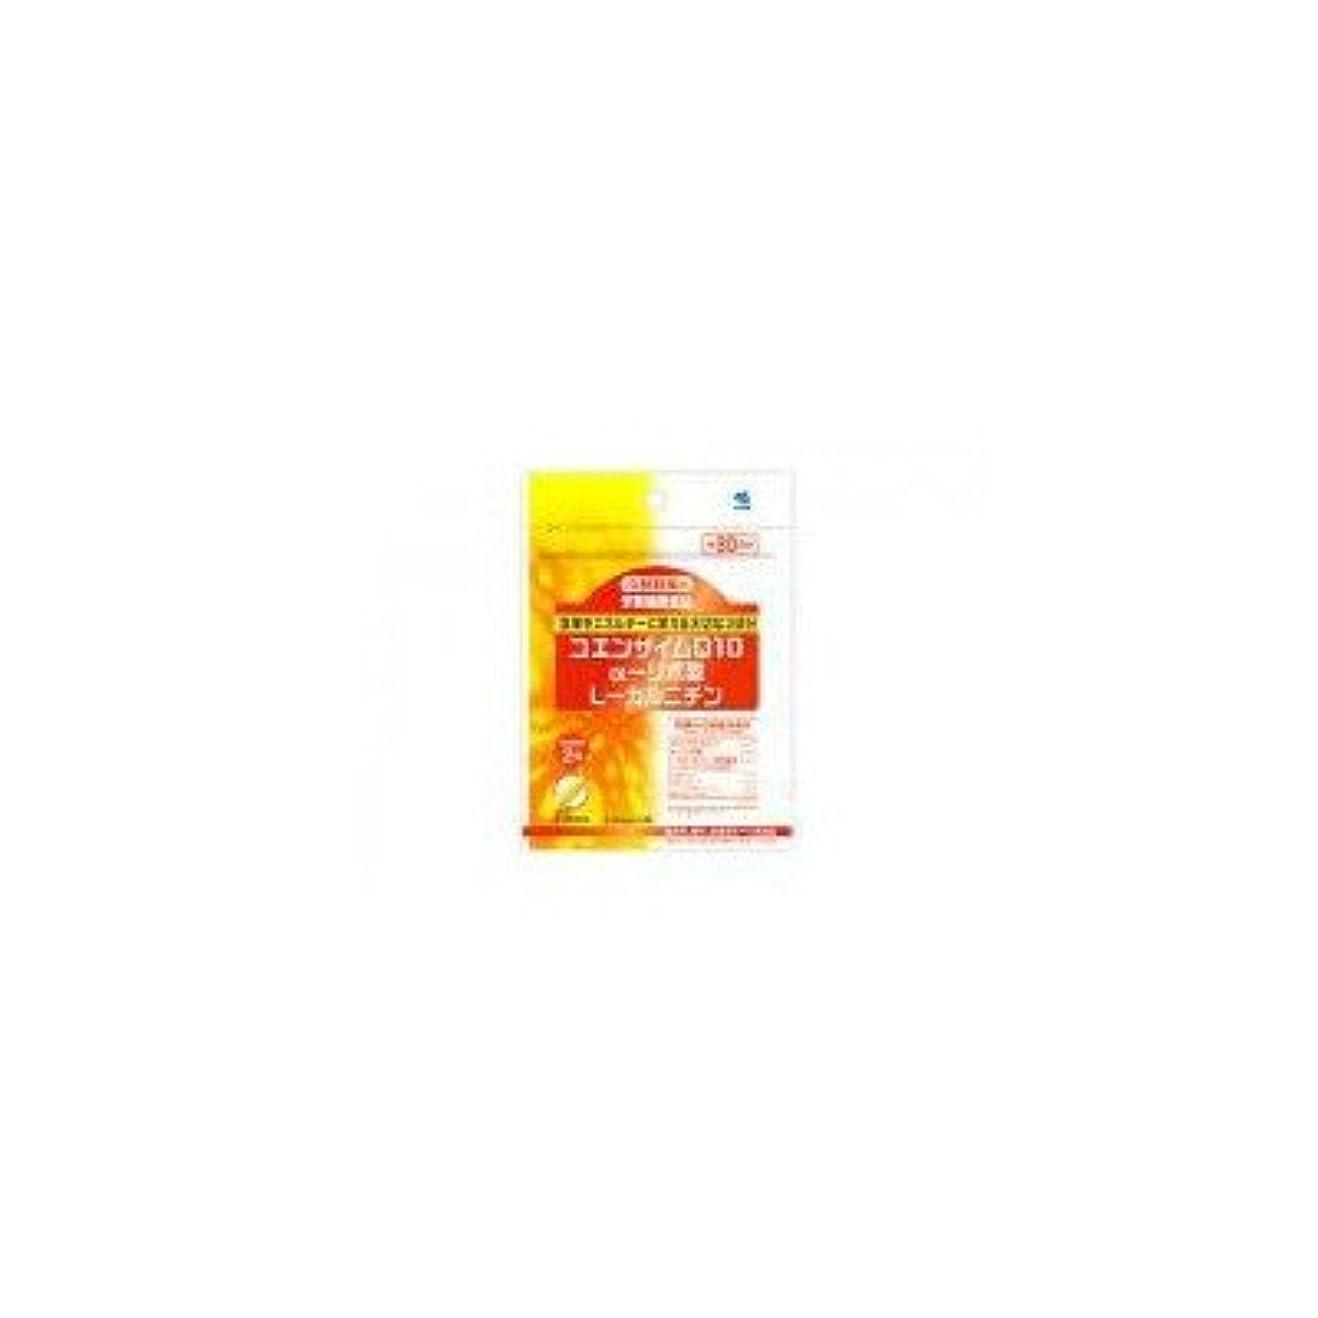 後継カーフシンボル小林製薬の栄養補助食品 コエンザイムQ10+αリポ酸+Lカルニチン(60粒 約30日分) 4セット